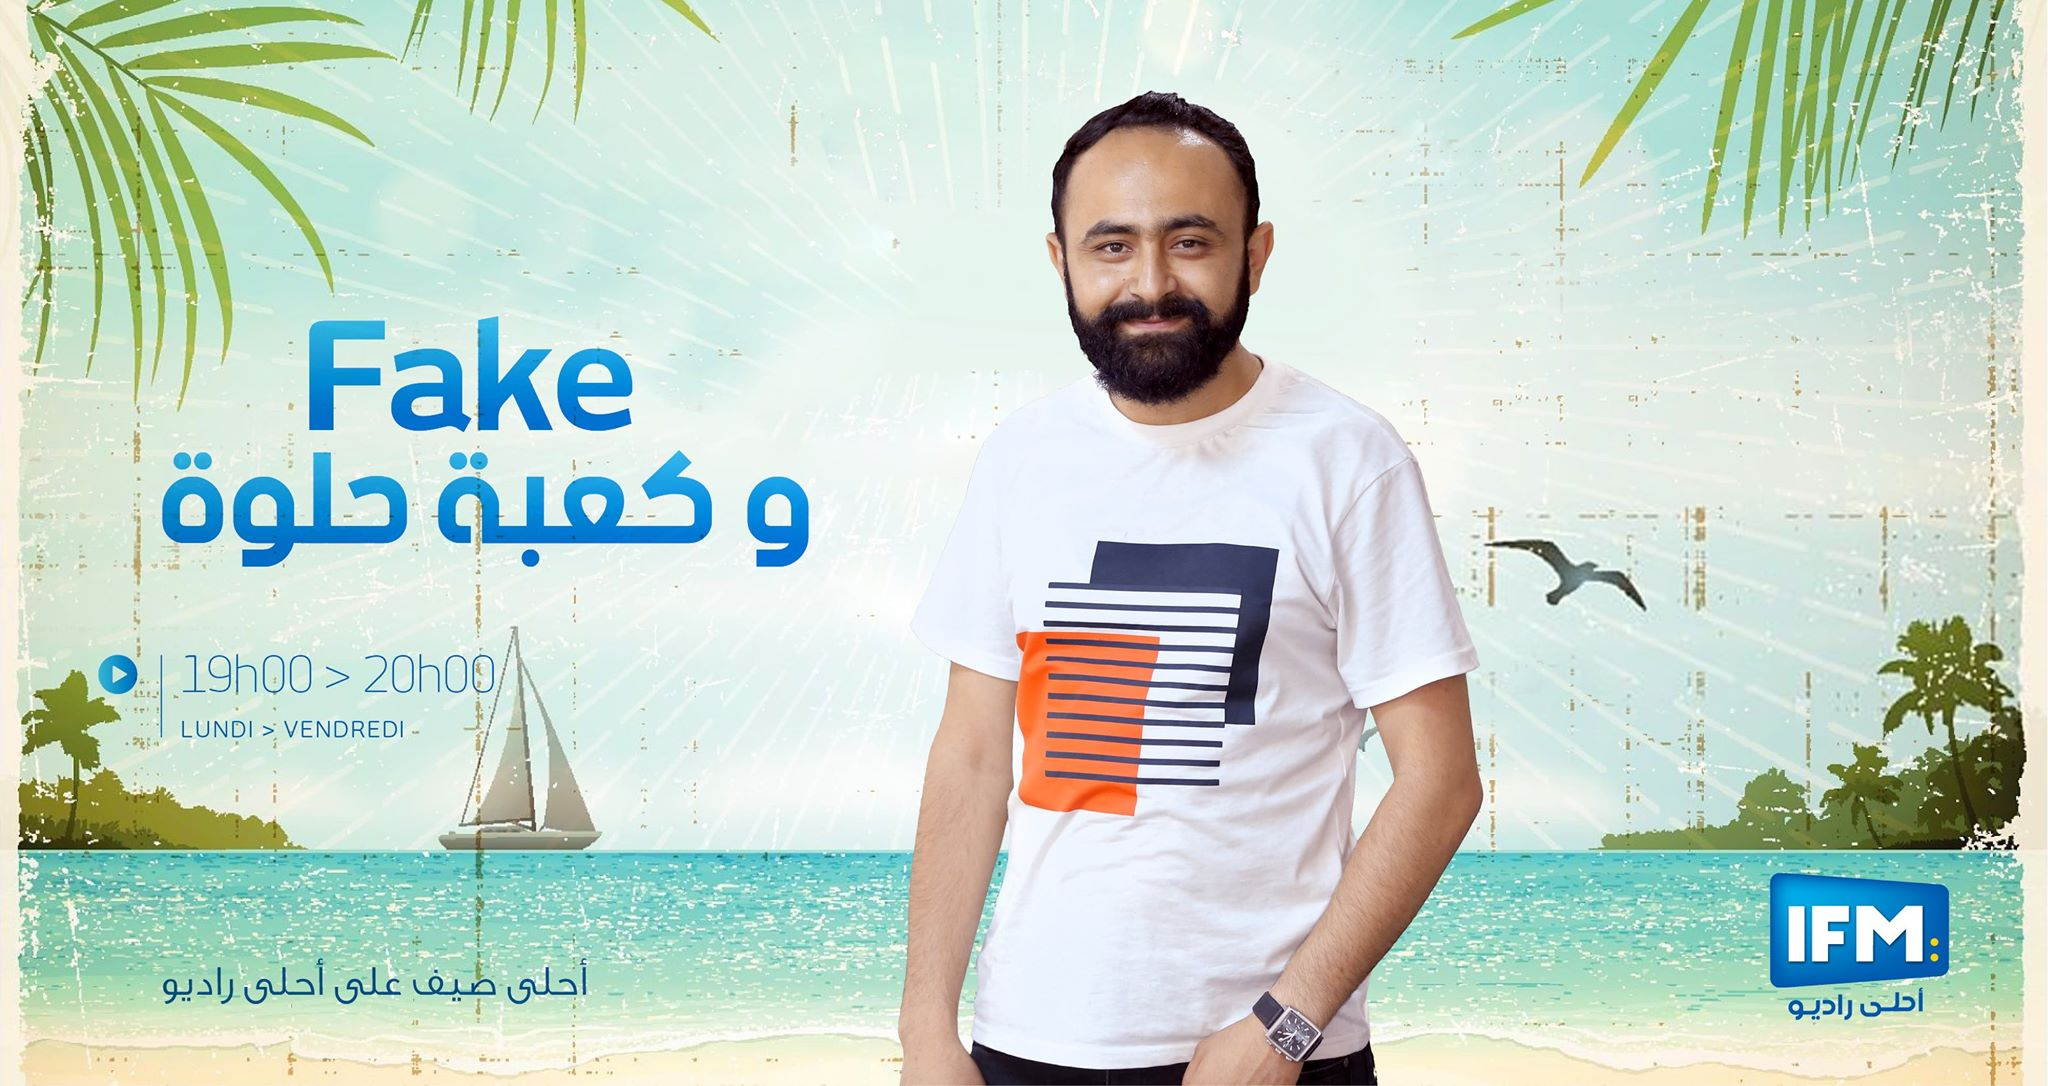 Maa Hatem fake w ka3ba 7alwa